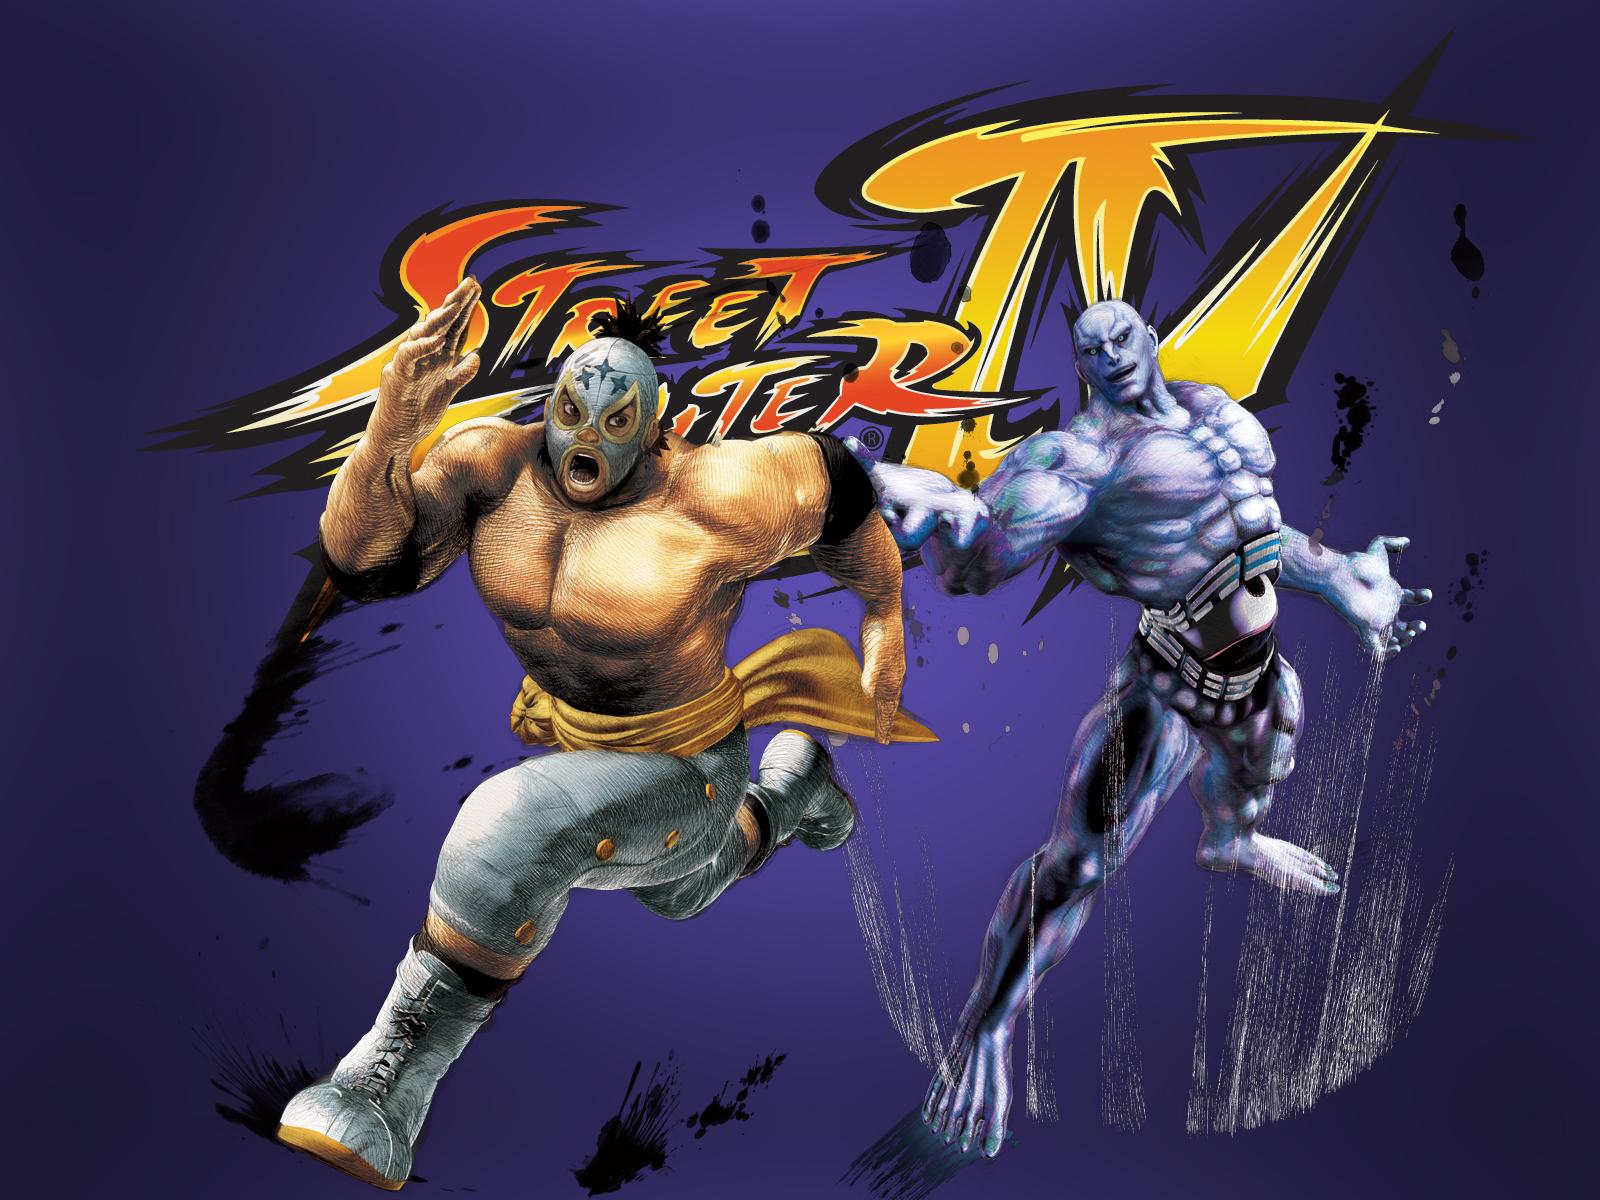 El Fuerte and Seth - SF IV by khotebabu